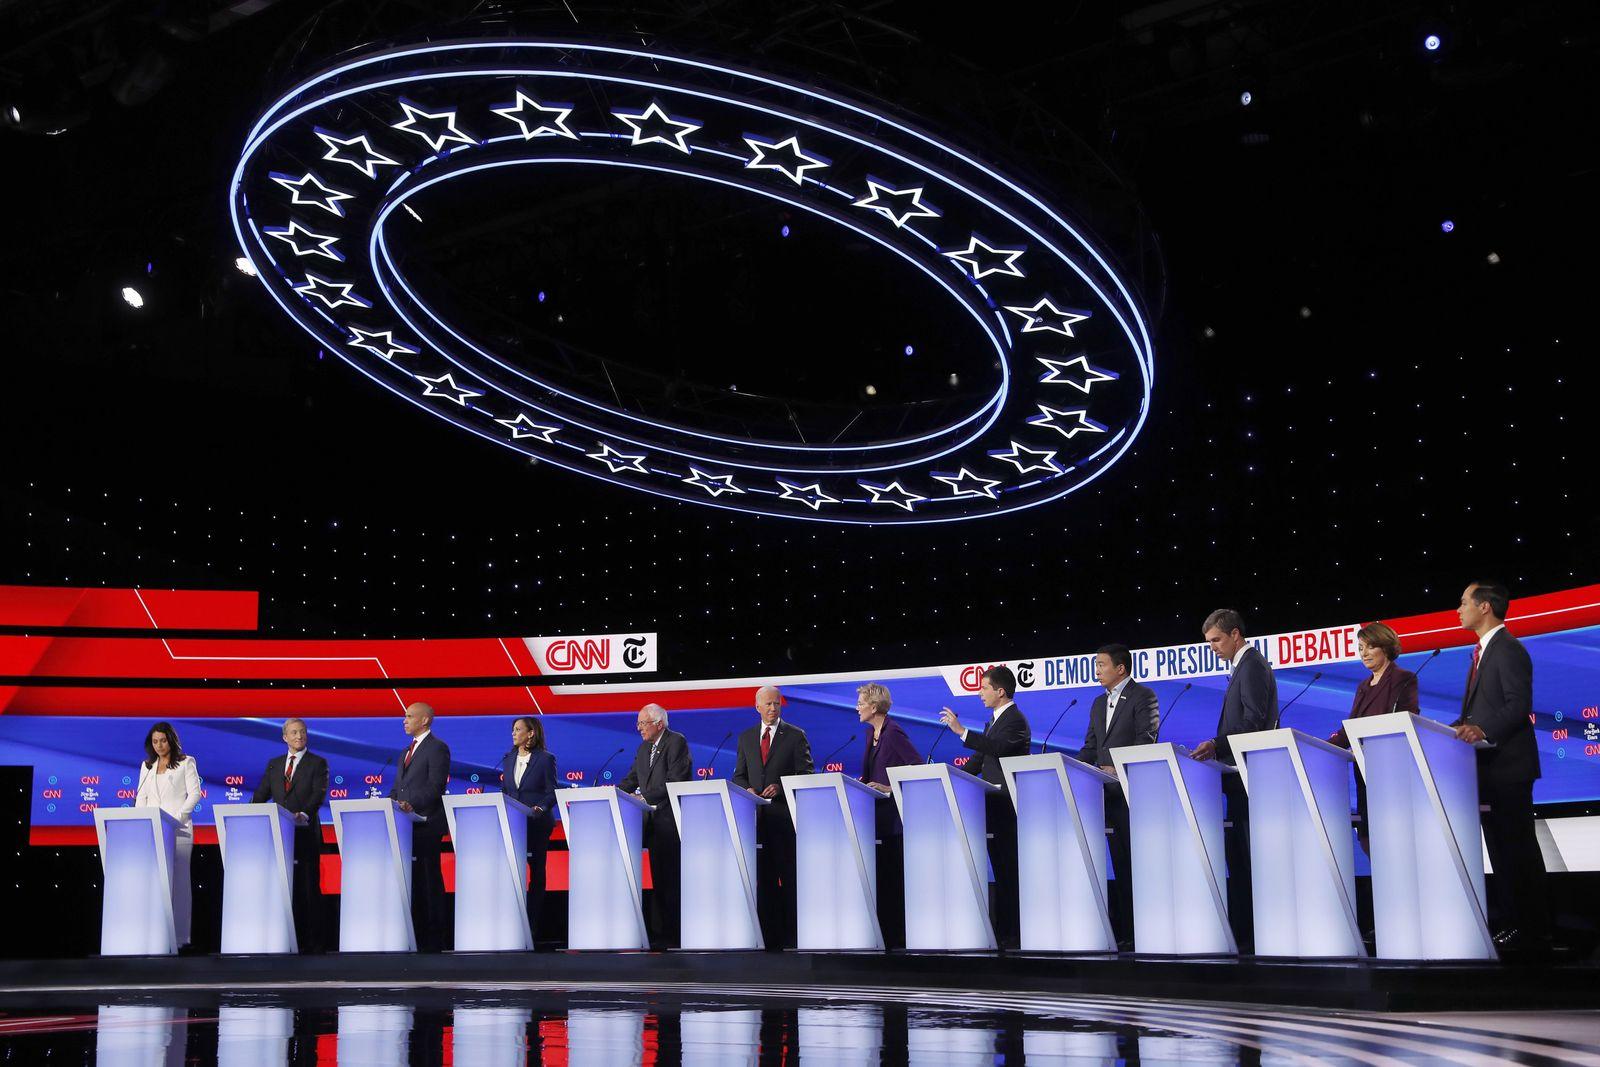 Demokraten Debatte Ohio